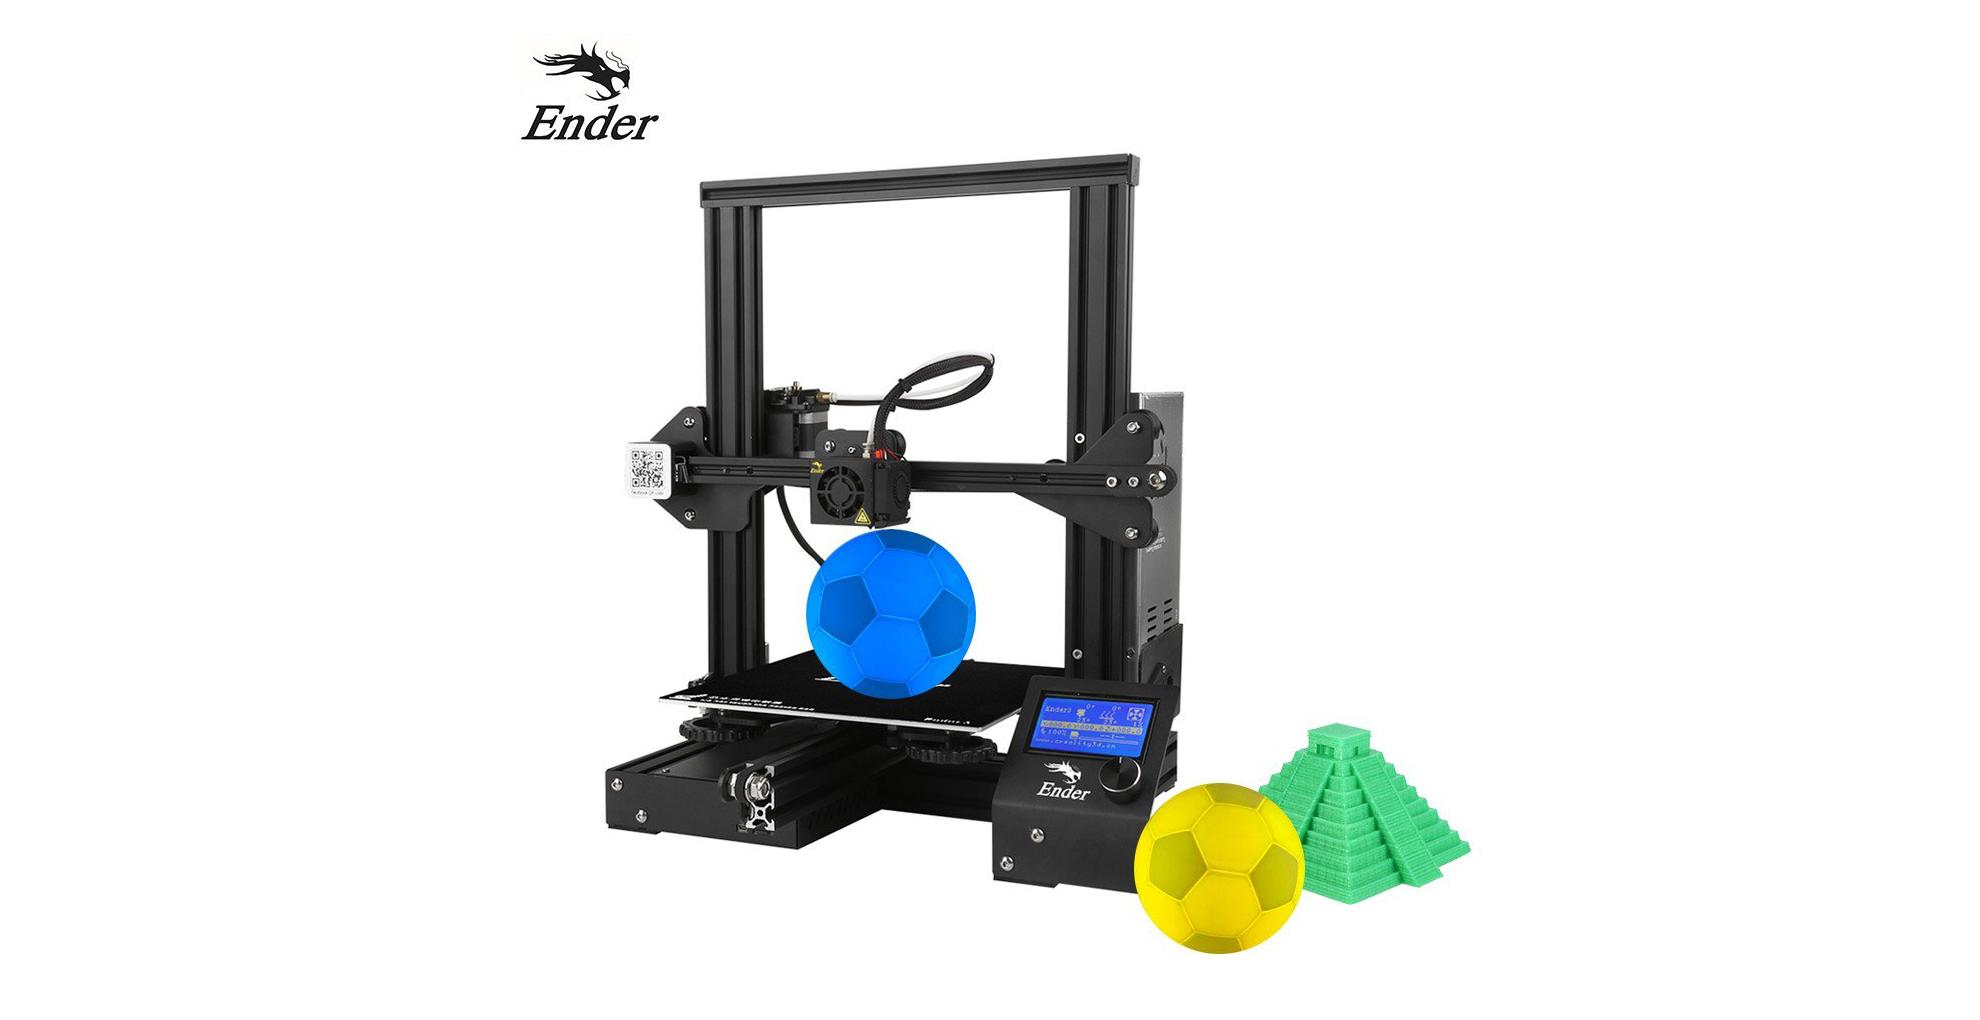 3D tiskárna Creality 3D nyní za skvělou a sníženou cenu! [sponzorovaný článek]